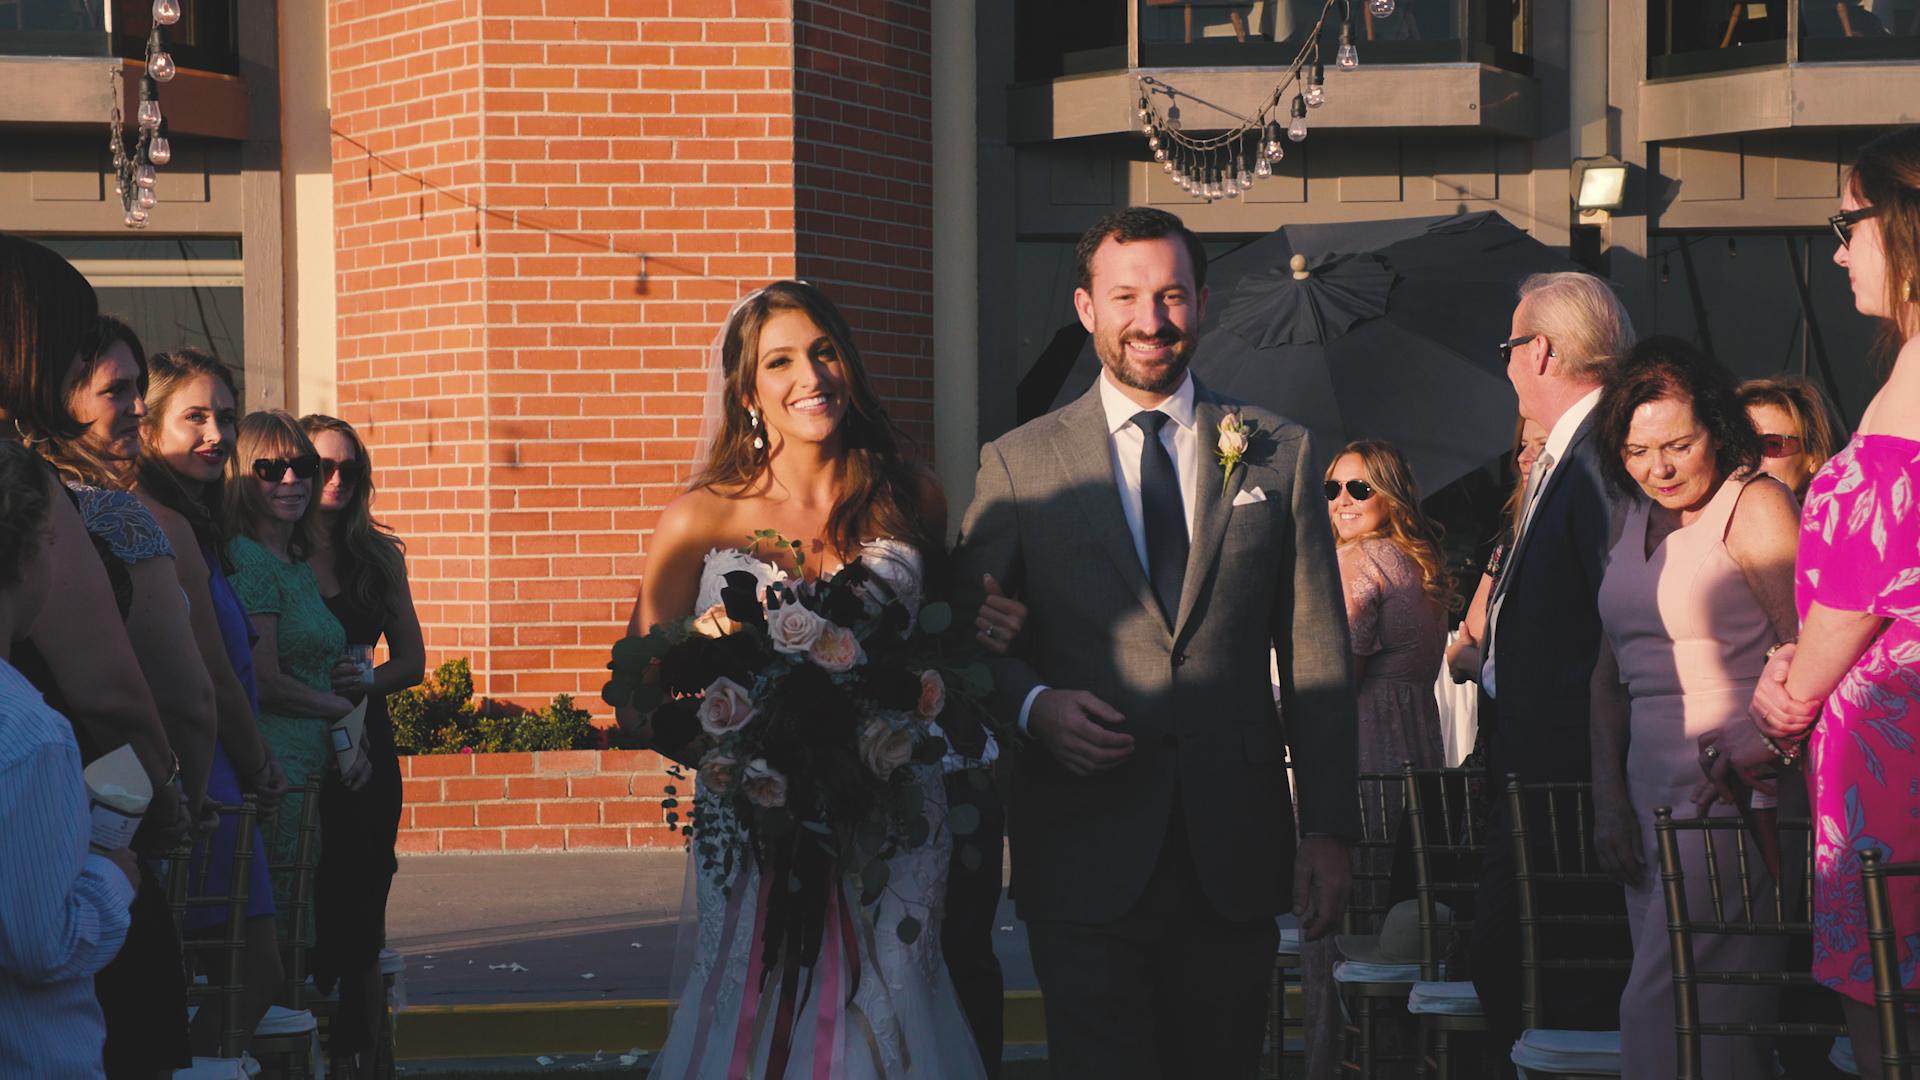 Bride walking0.jpg